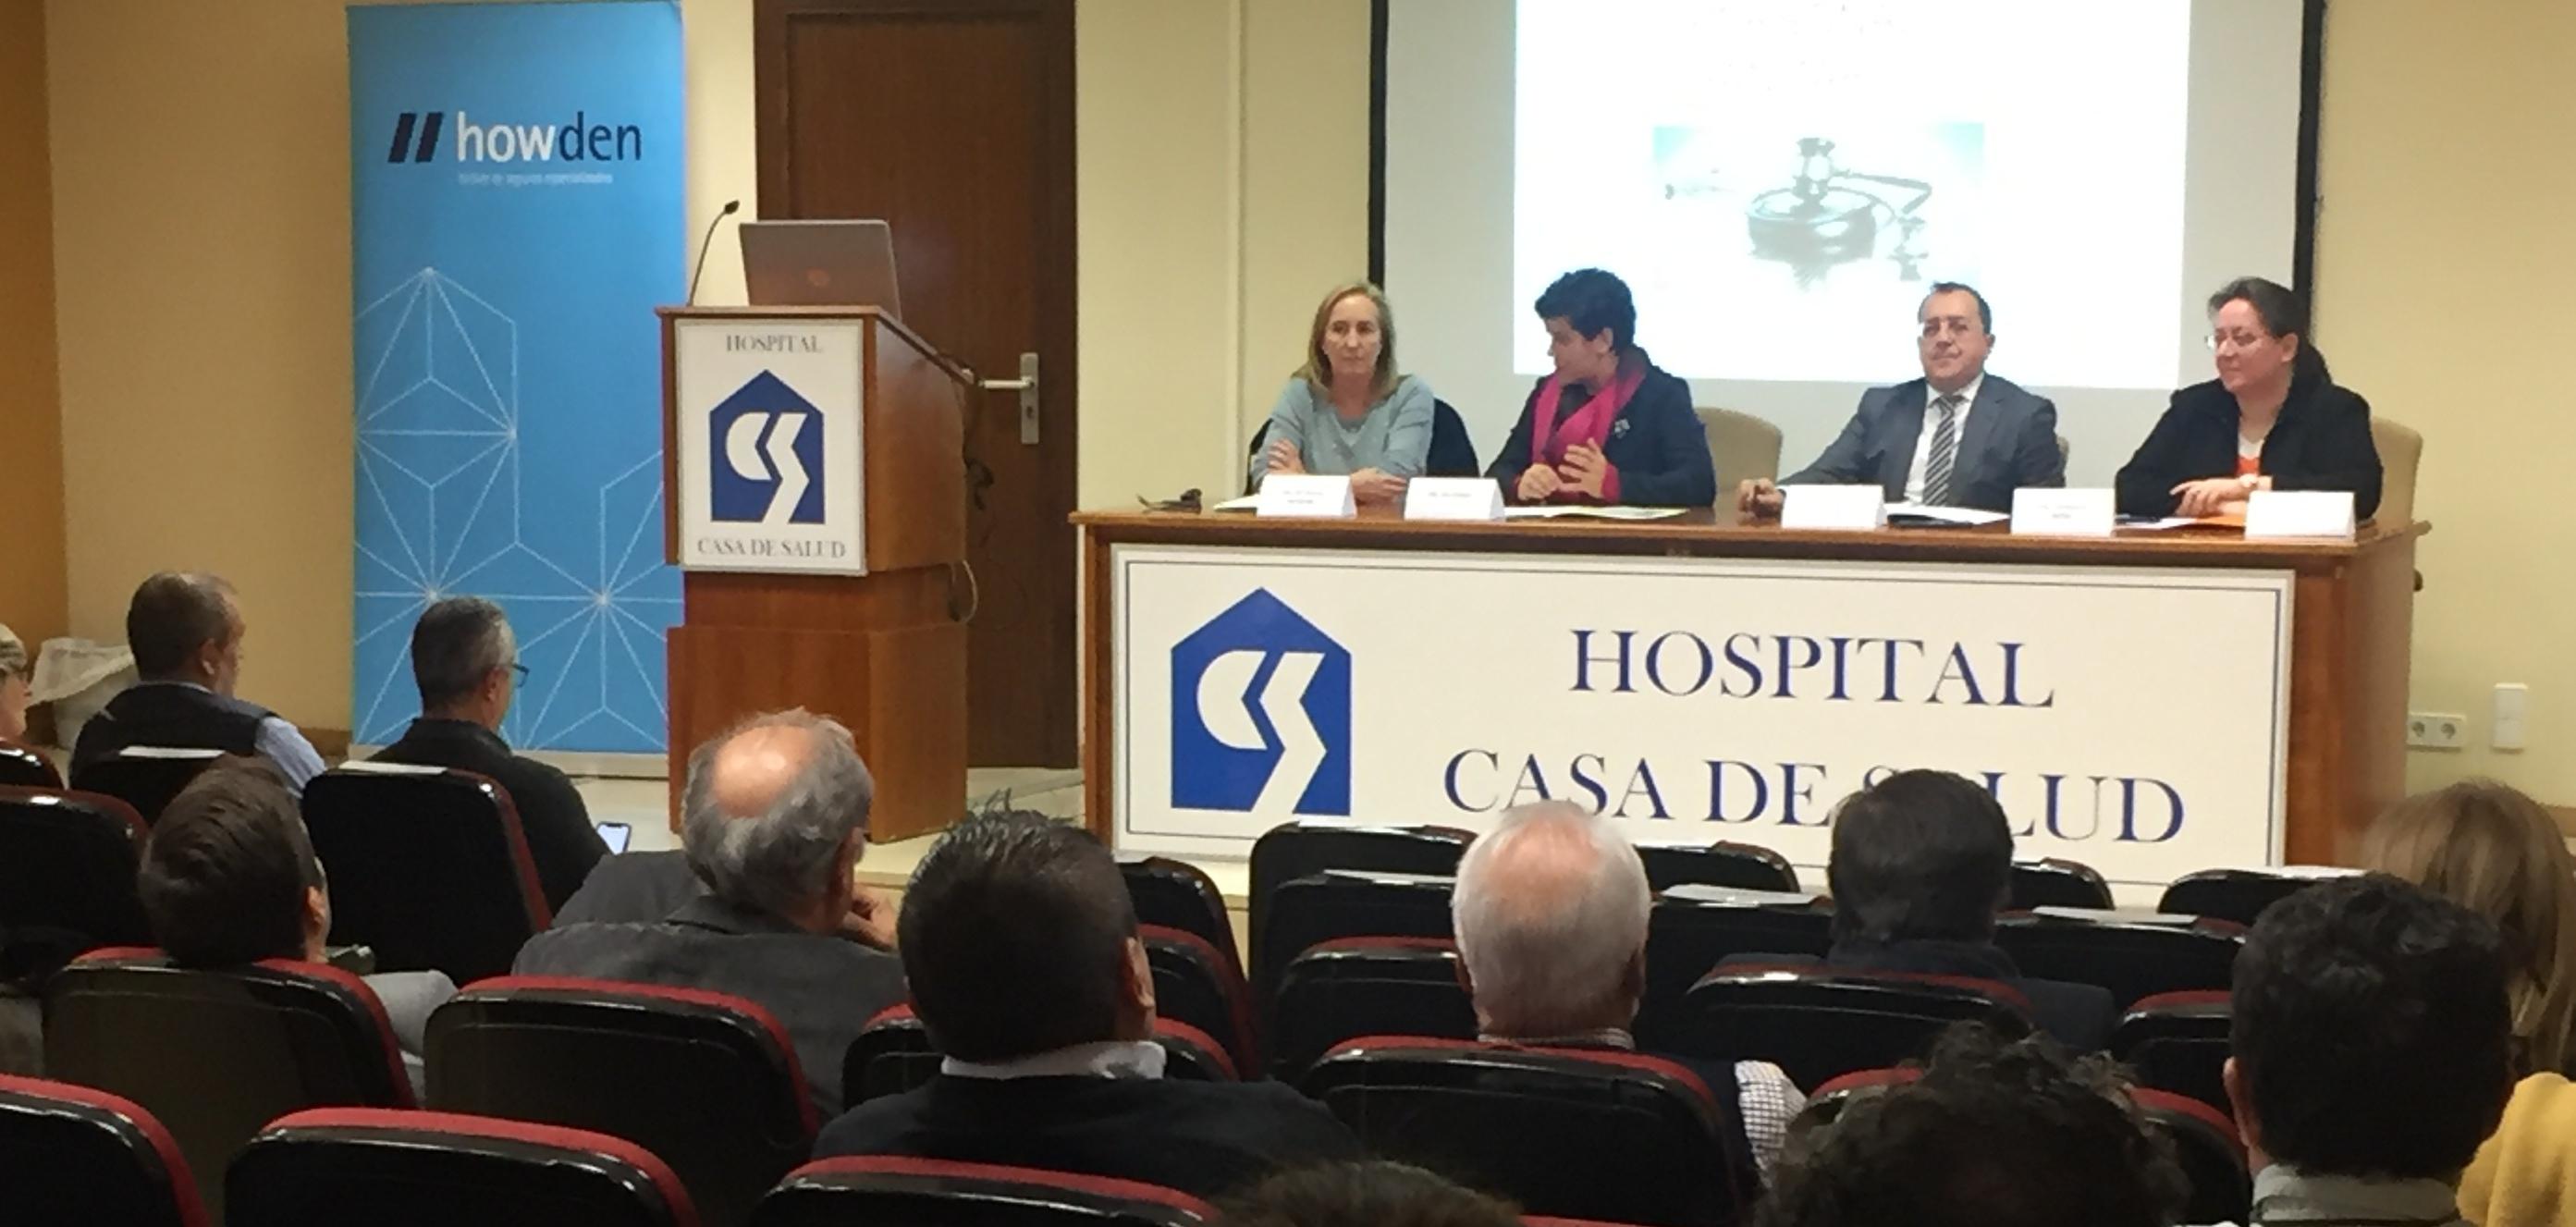 La necesaria formación jurídica de los profesionales sanitarios, analizada en el  Hospital Casa de Salud